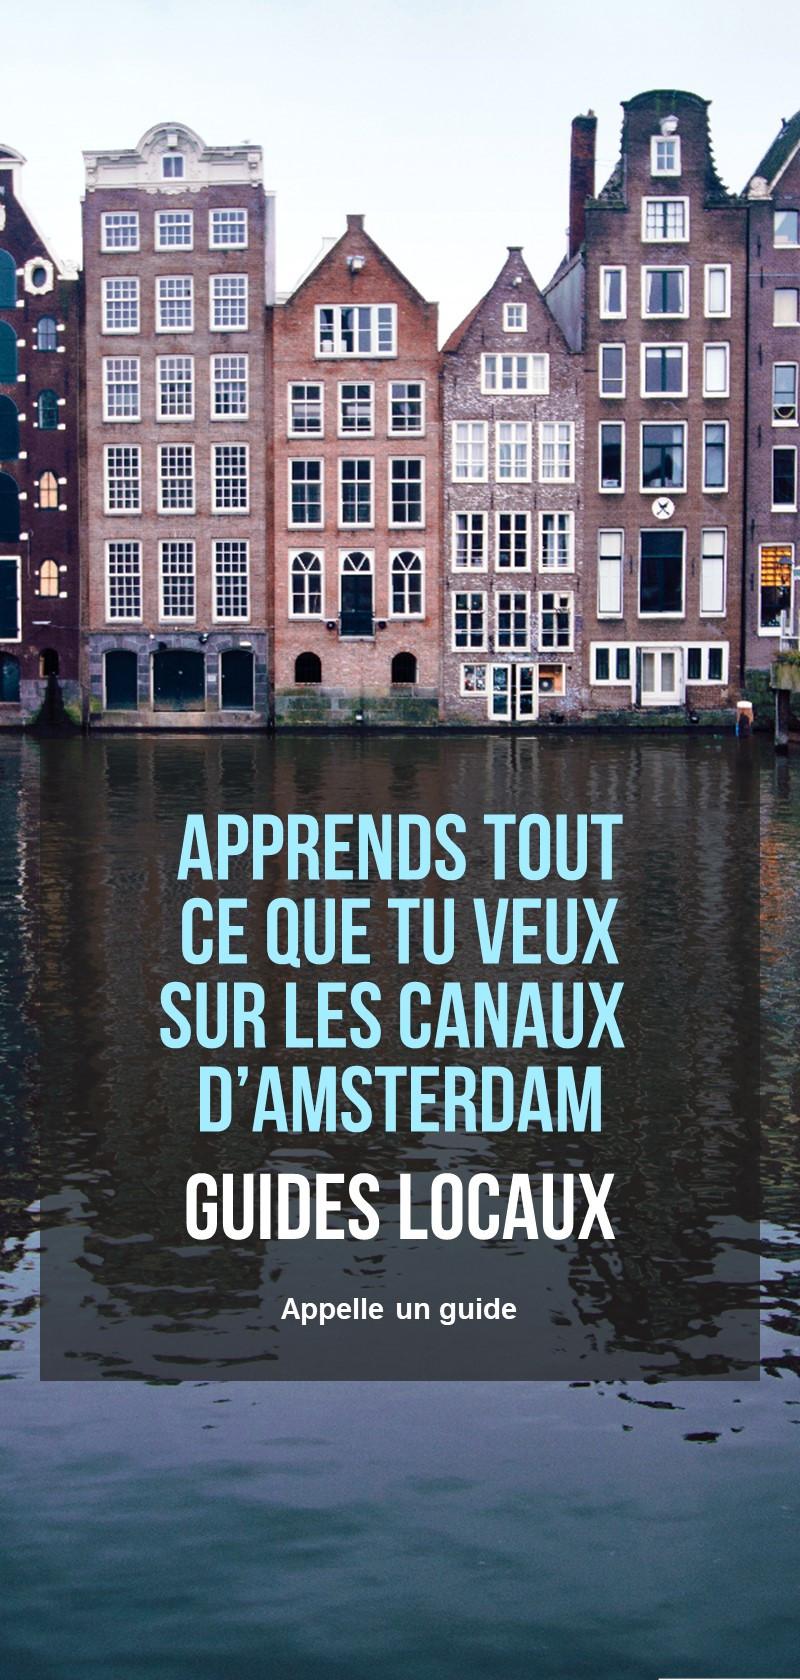 Informations sur les canaux d'Amsterdam